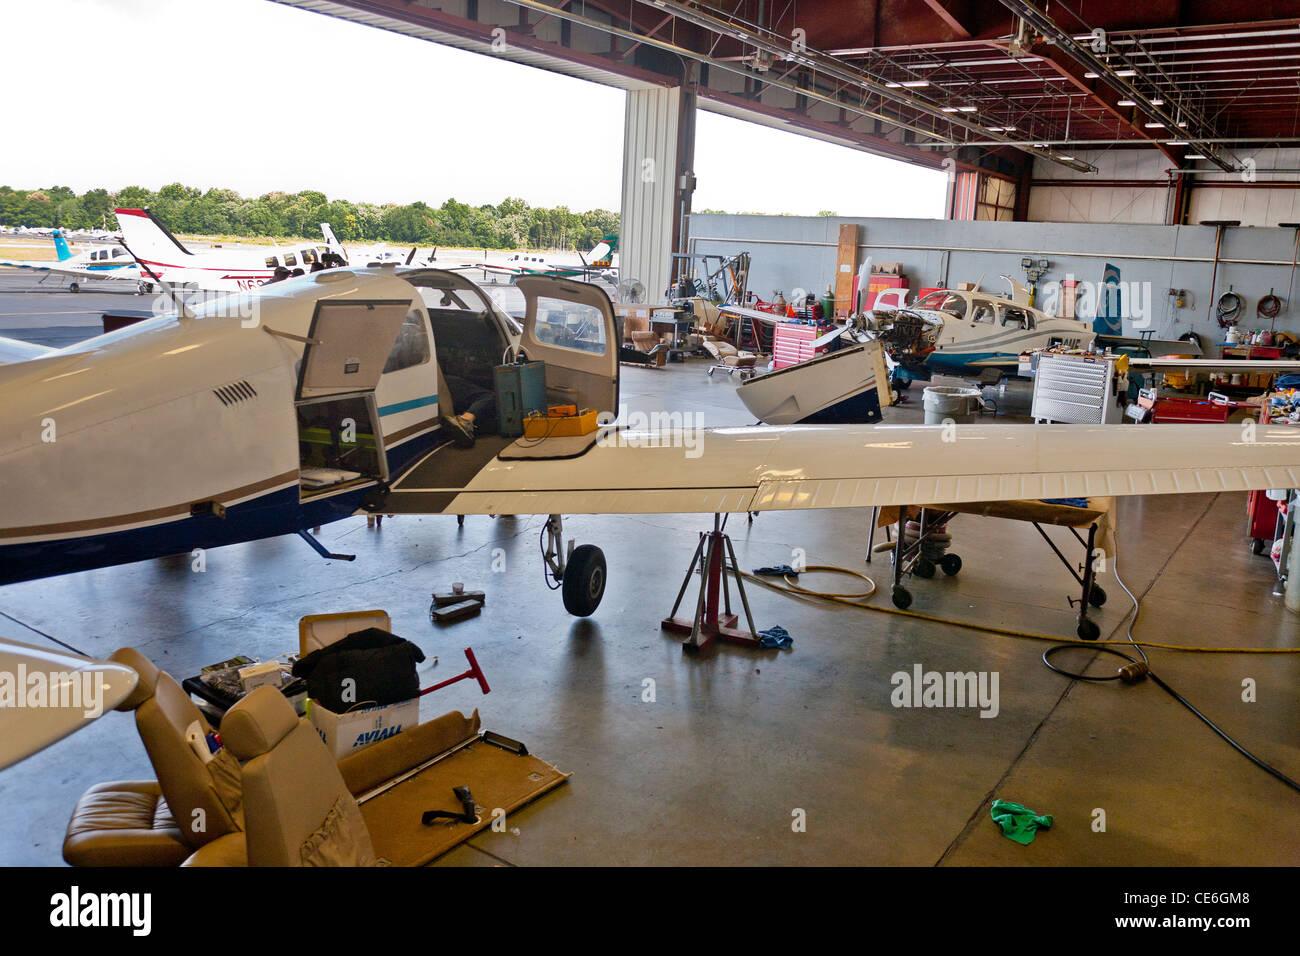 Un gruppo di aereo sedersi all'interno del velivolo appendiabiti aventi aereo le riparazioni del motore essendo Immagini Stock